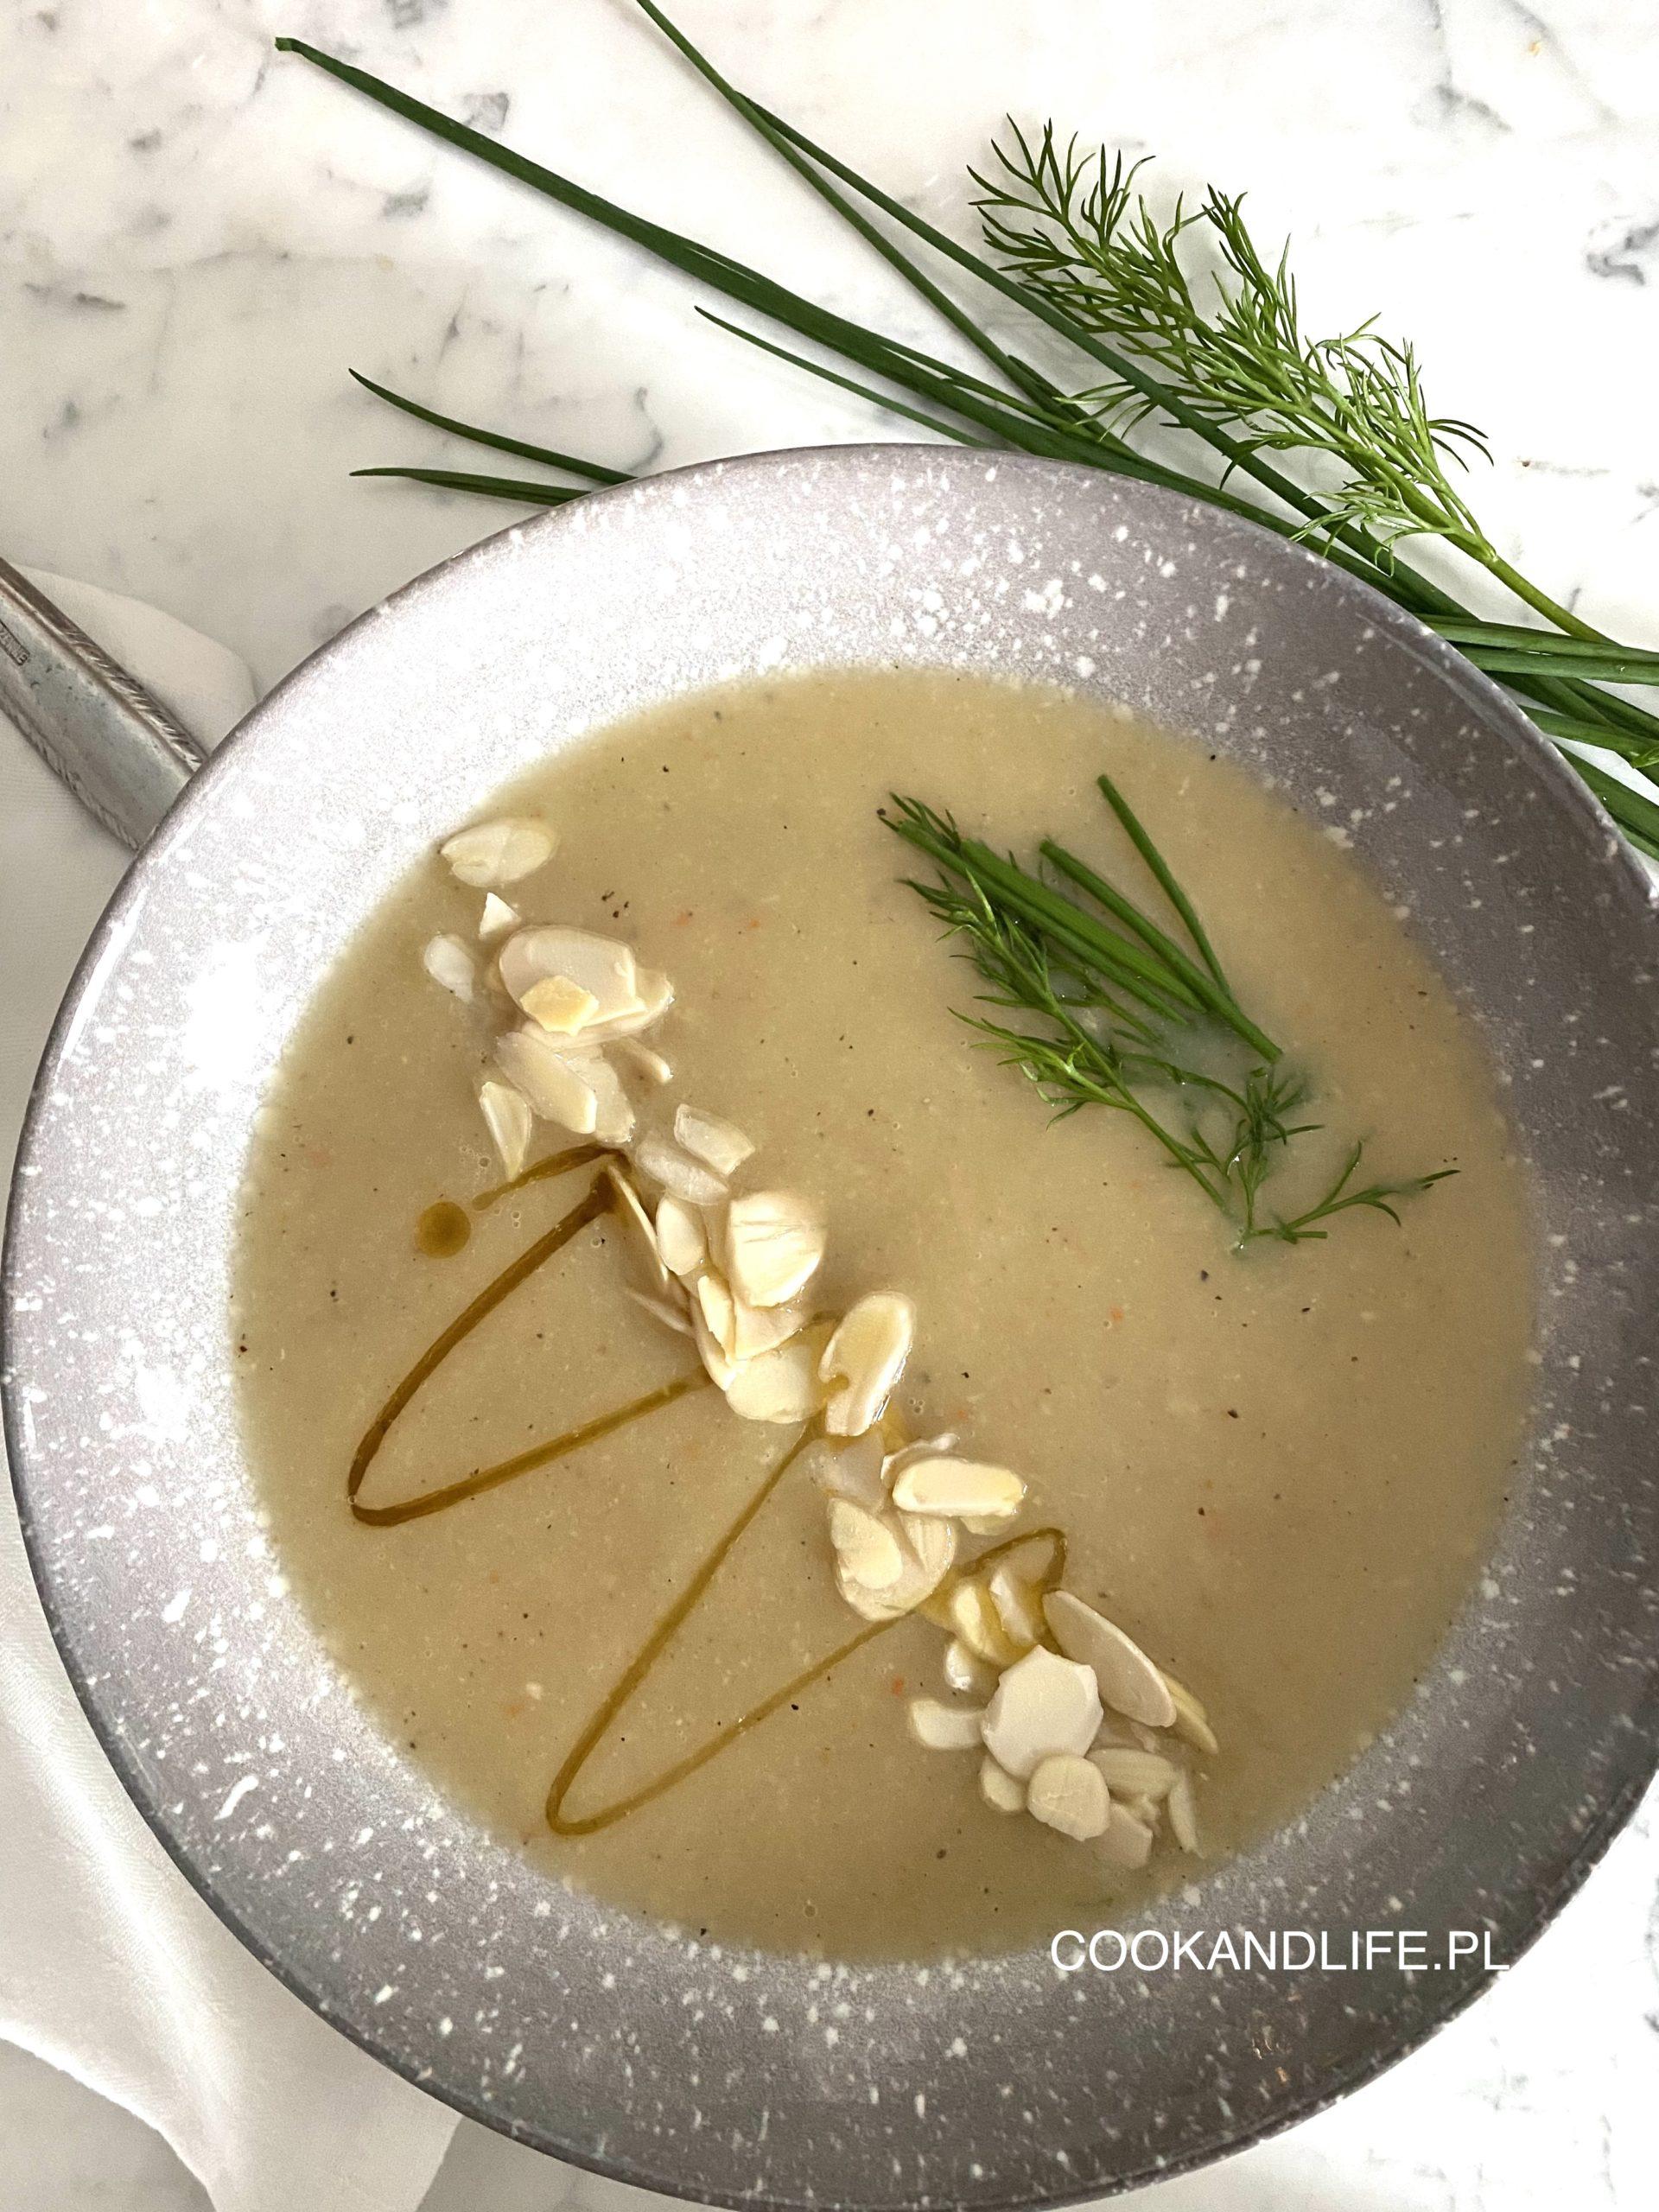 Krem z białych warzyw - zupa w oczekiwaniu na prawdziwą wiosnę